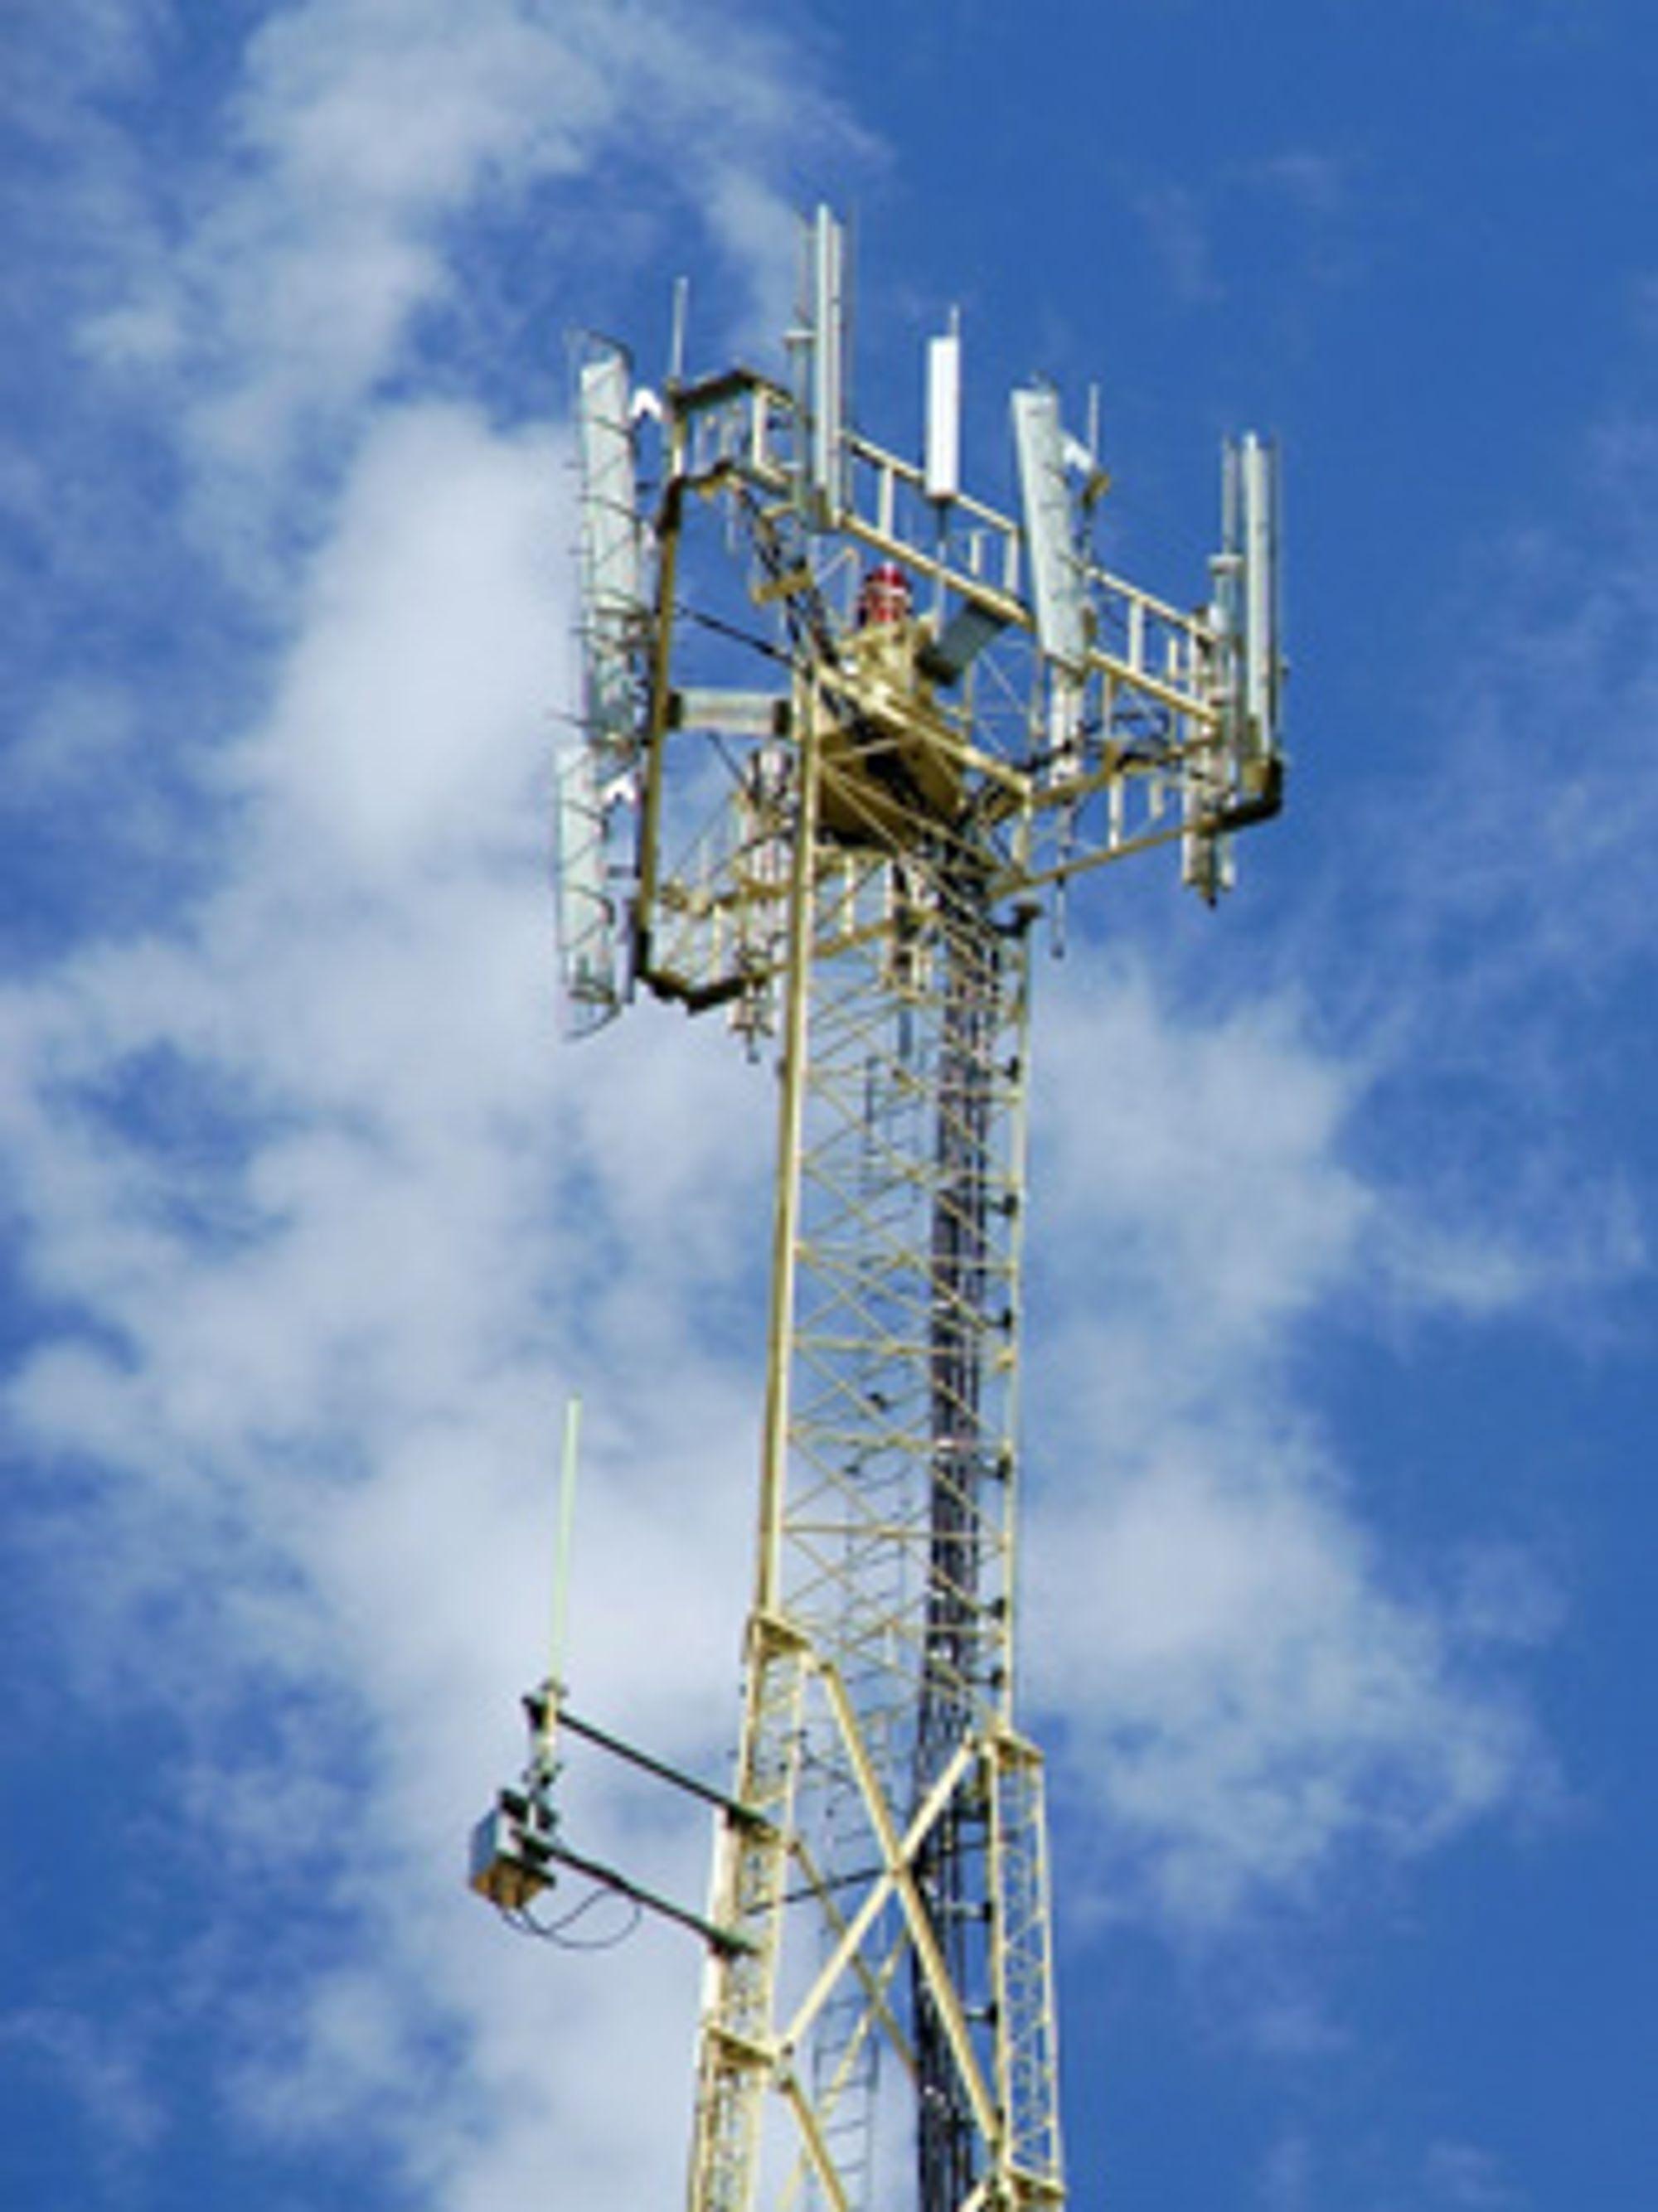 VNL reduserer effektbruken i GSM-antenner med 96 - 98,3 prosent. (Foto: Christian Weibell / Istockphoto)